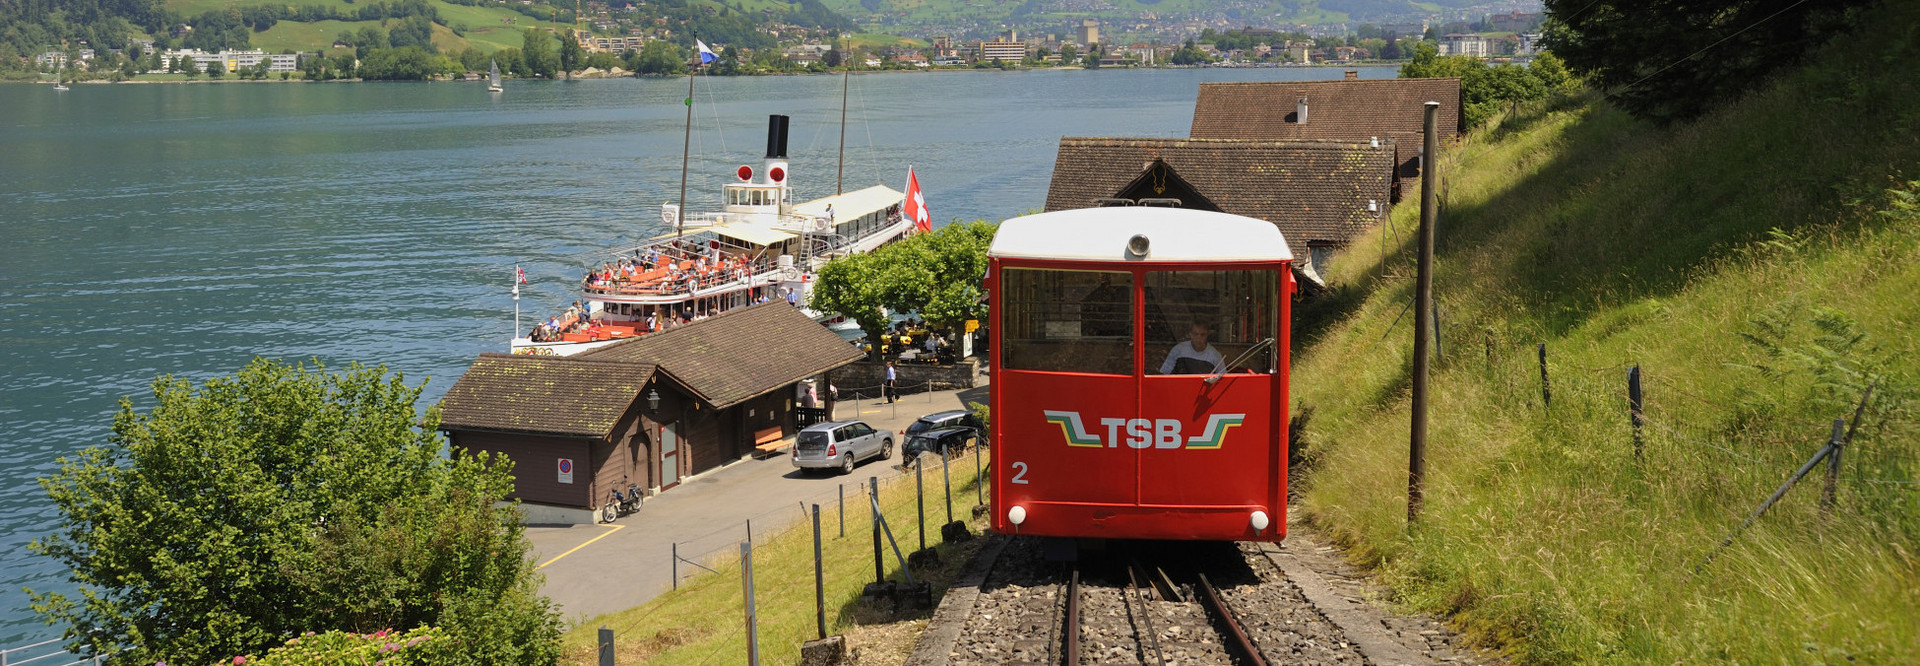 Die rote Treib Seelisberg Bahn fährt den Berg hoch. Unten ist ein Dampfschiff zu sehen